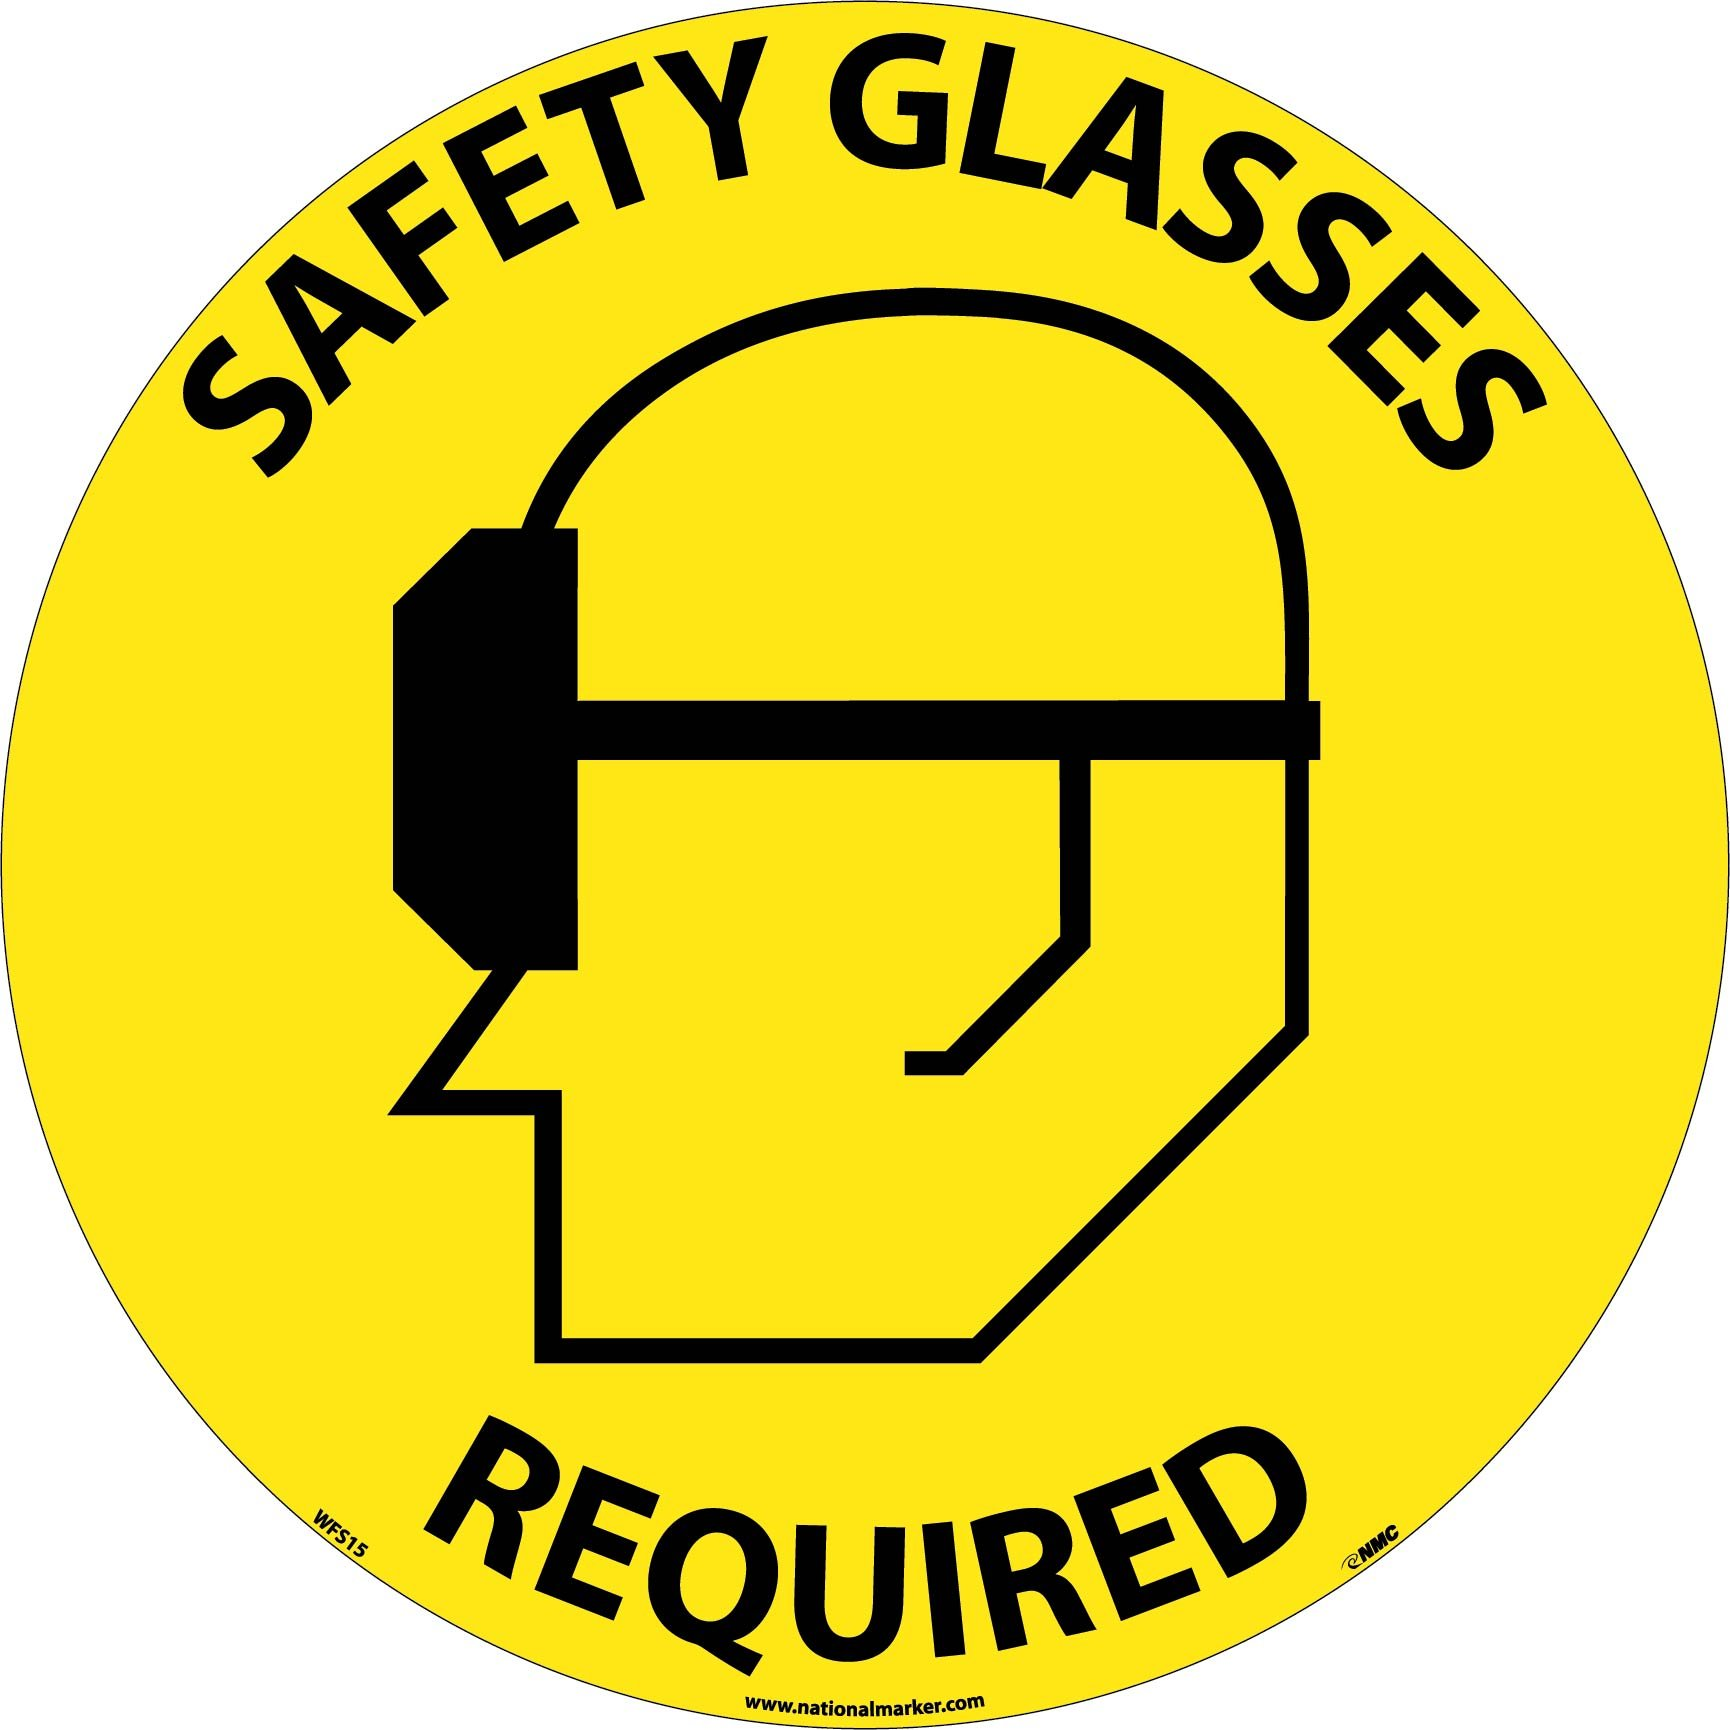 Free clipart safety symbols svg transparent download 6+ Safety Symbols Clip Art   ClipartLook svg transparent download